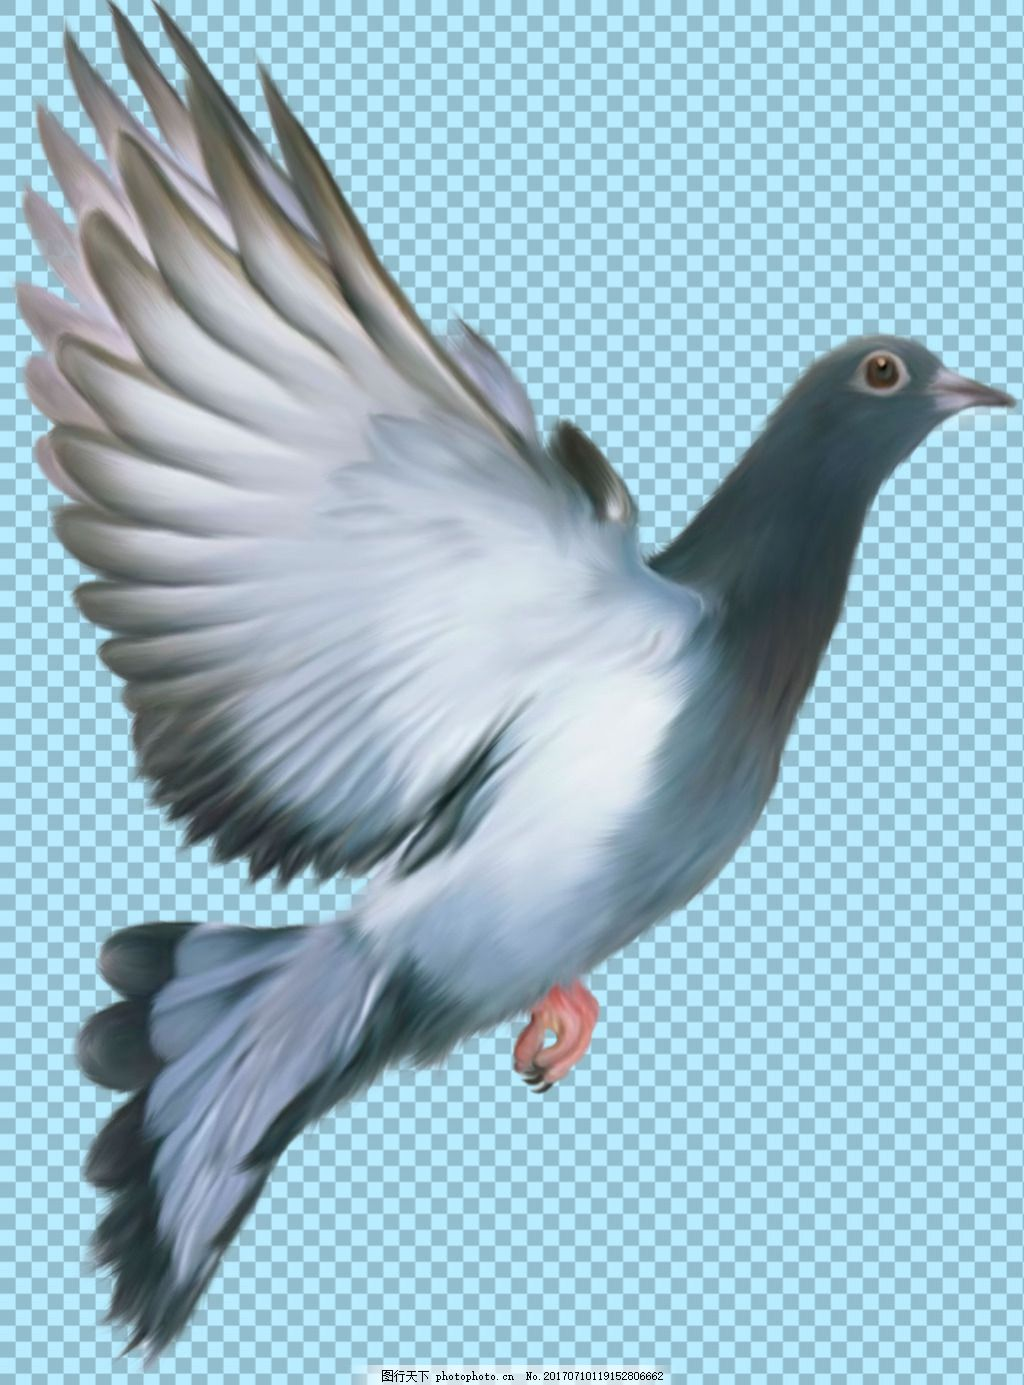 橄榄枝和白鸽的图片_白鸽简笔画大全_白鸽简笔画简易_白鸽简笔画画法_白鸽简笔画